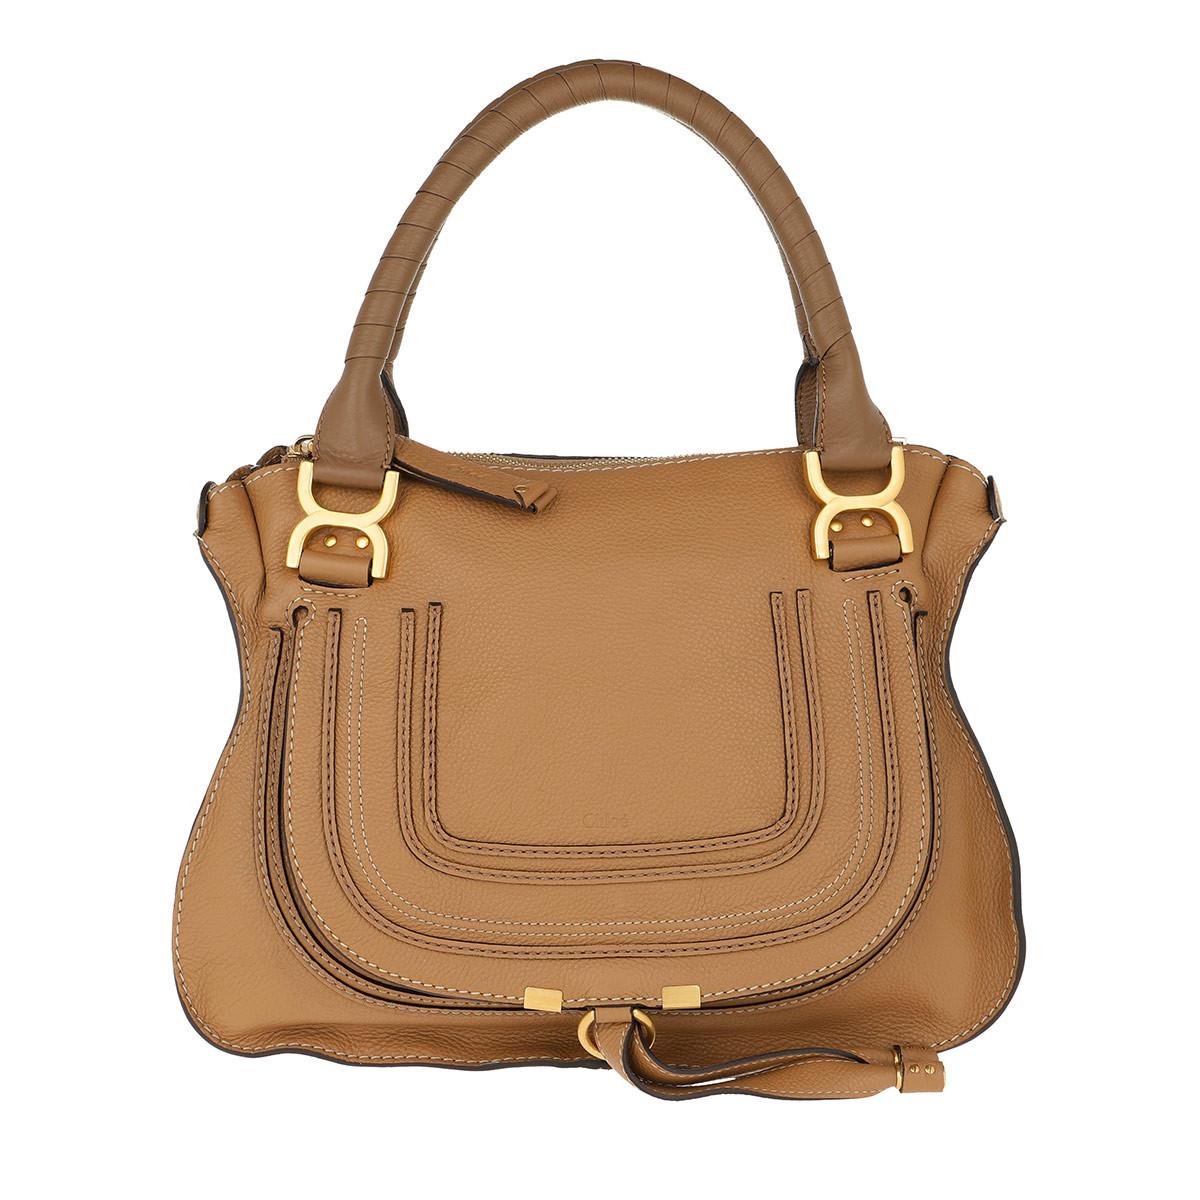 Chloé Tote - Marcie Medium Shoulder Bag Nut - in braun - für Damen